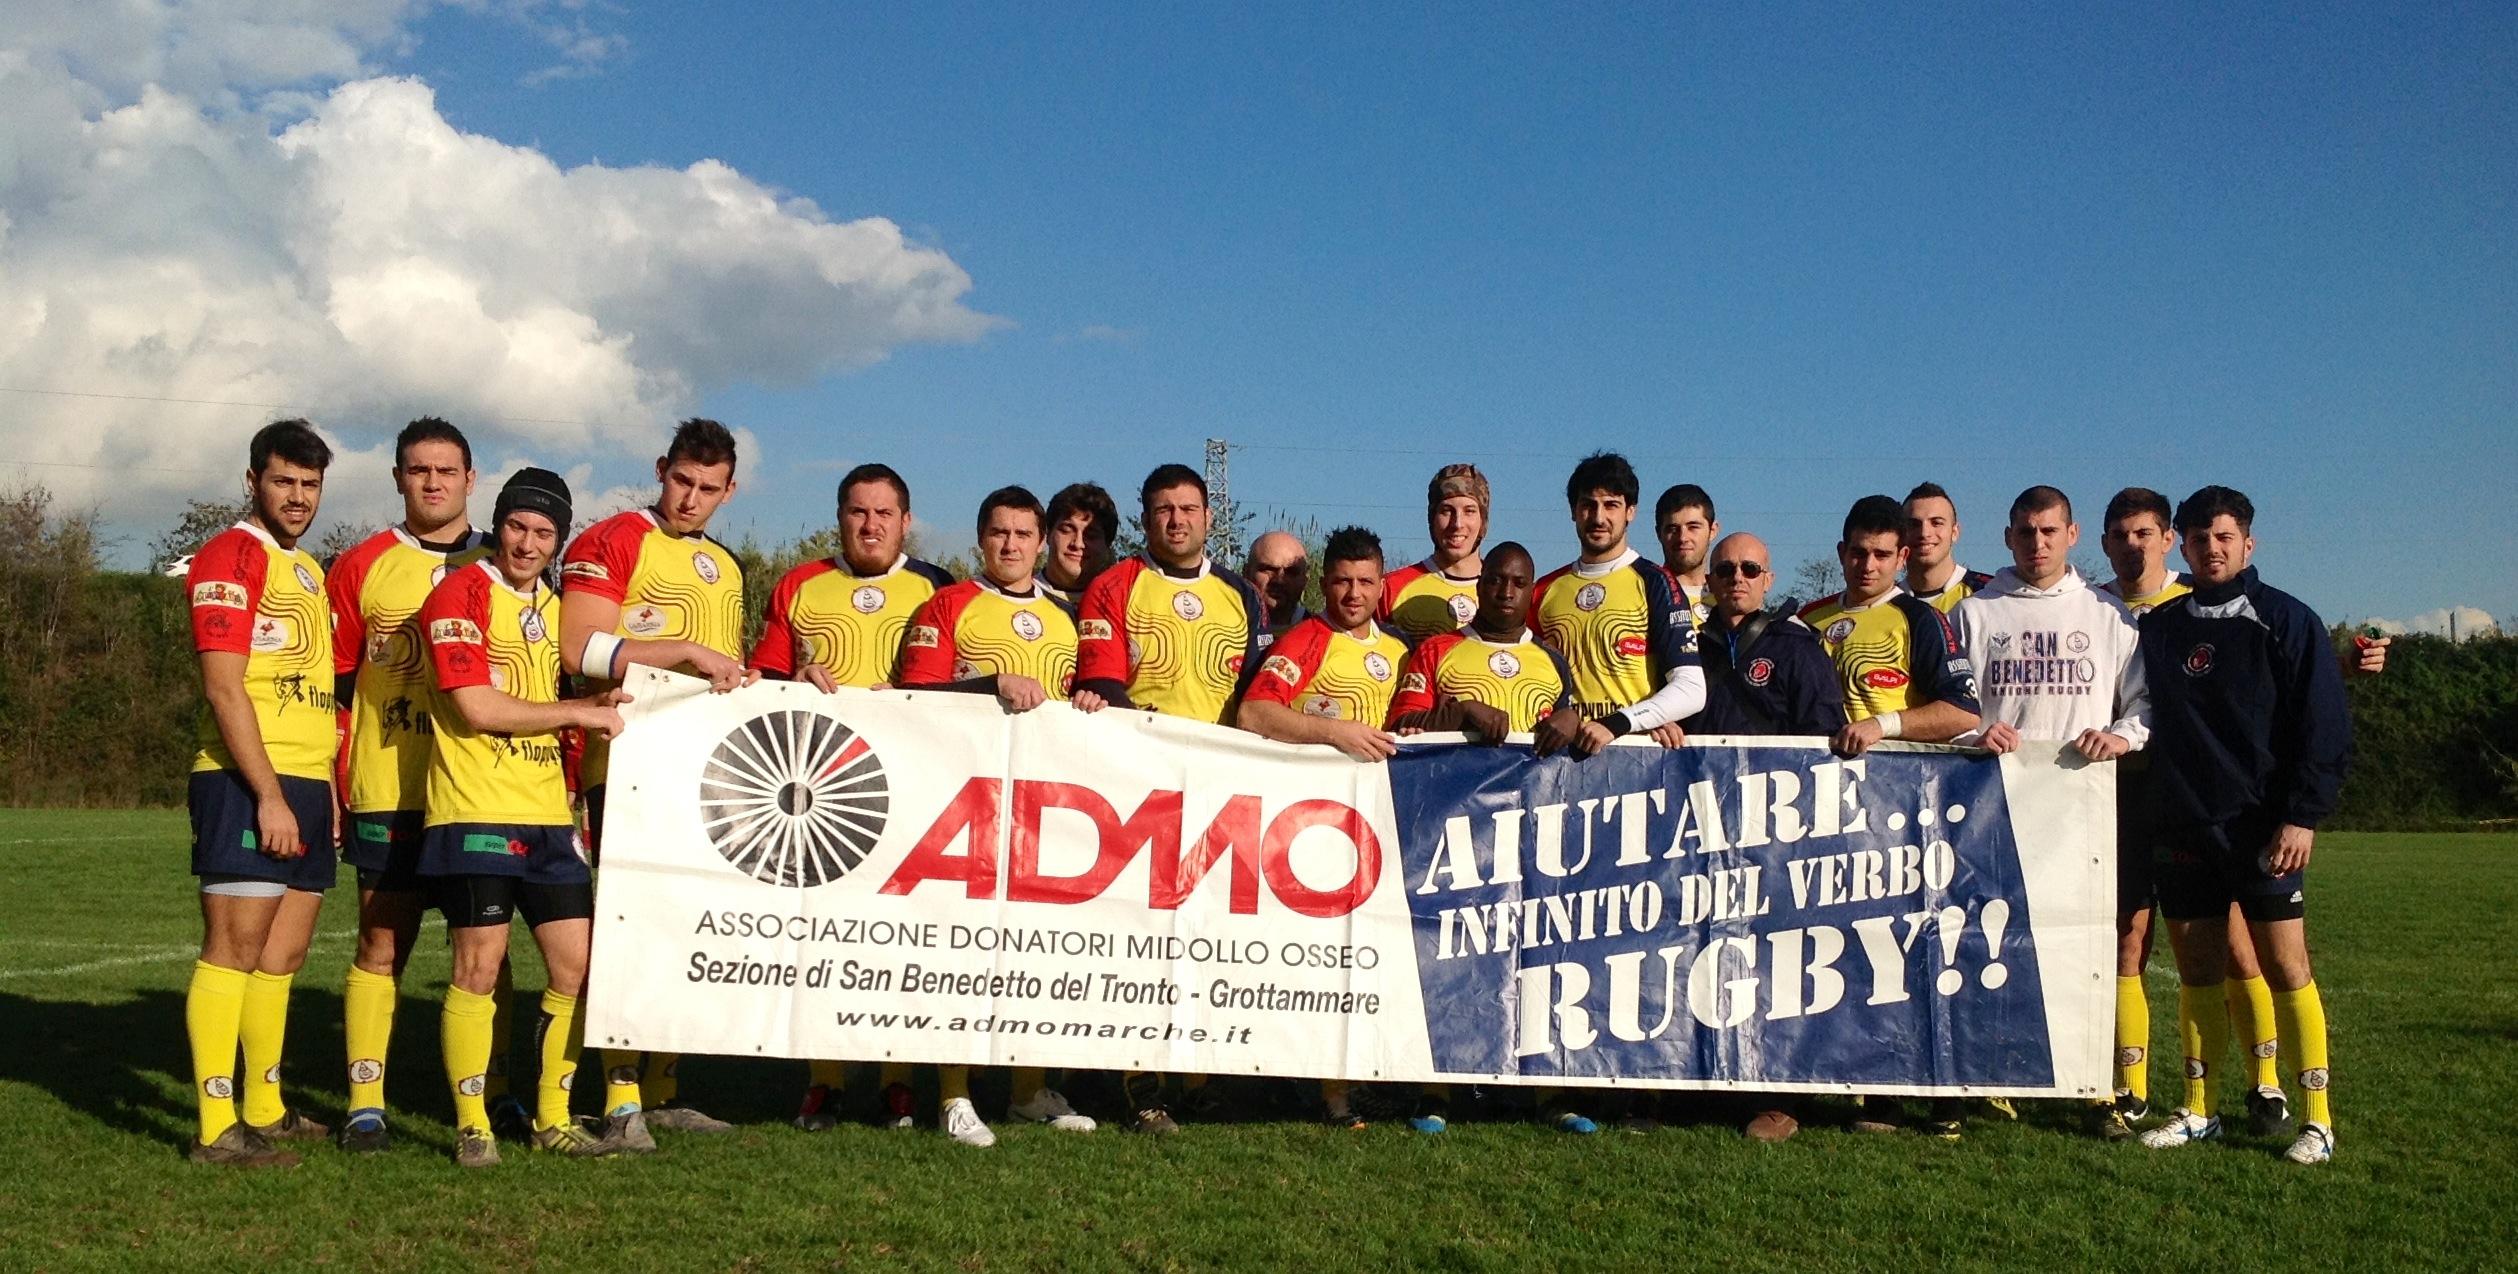 La formazione dell'Unione Rugby a sostegno dell'ADMO